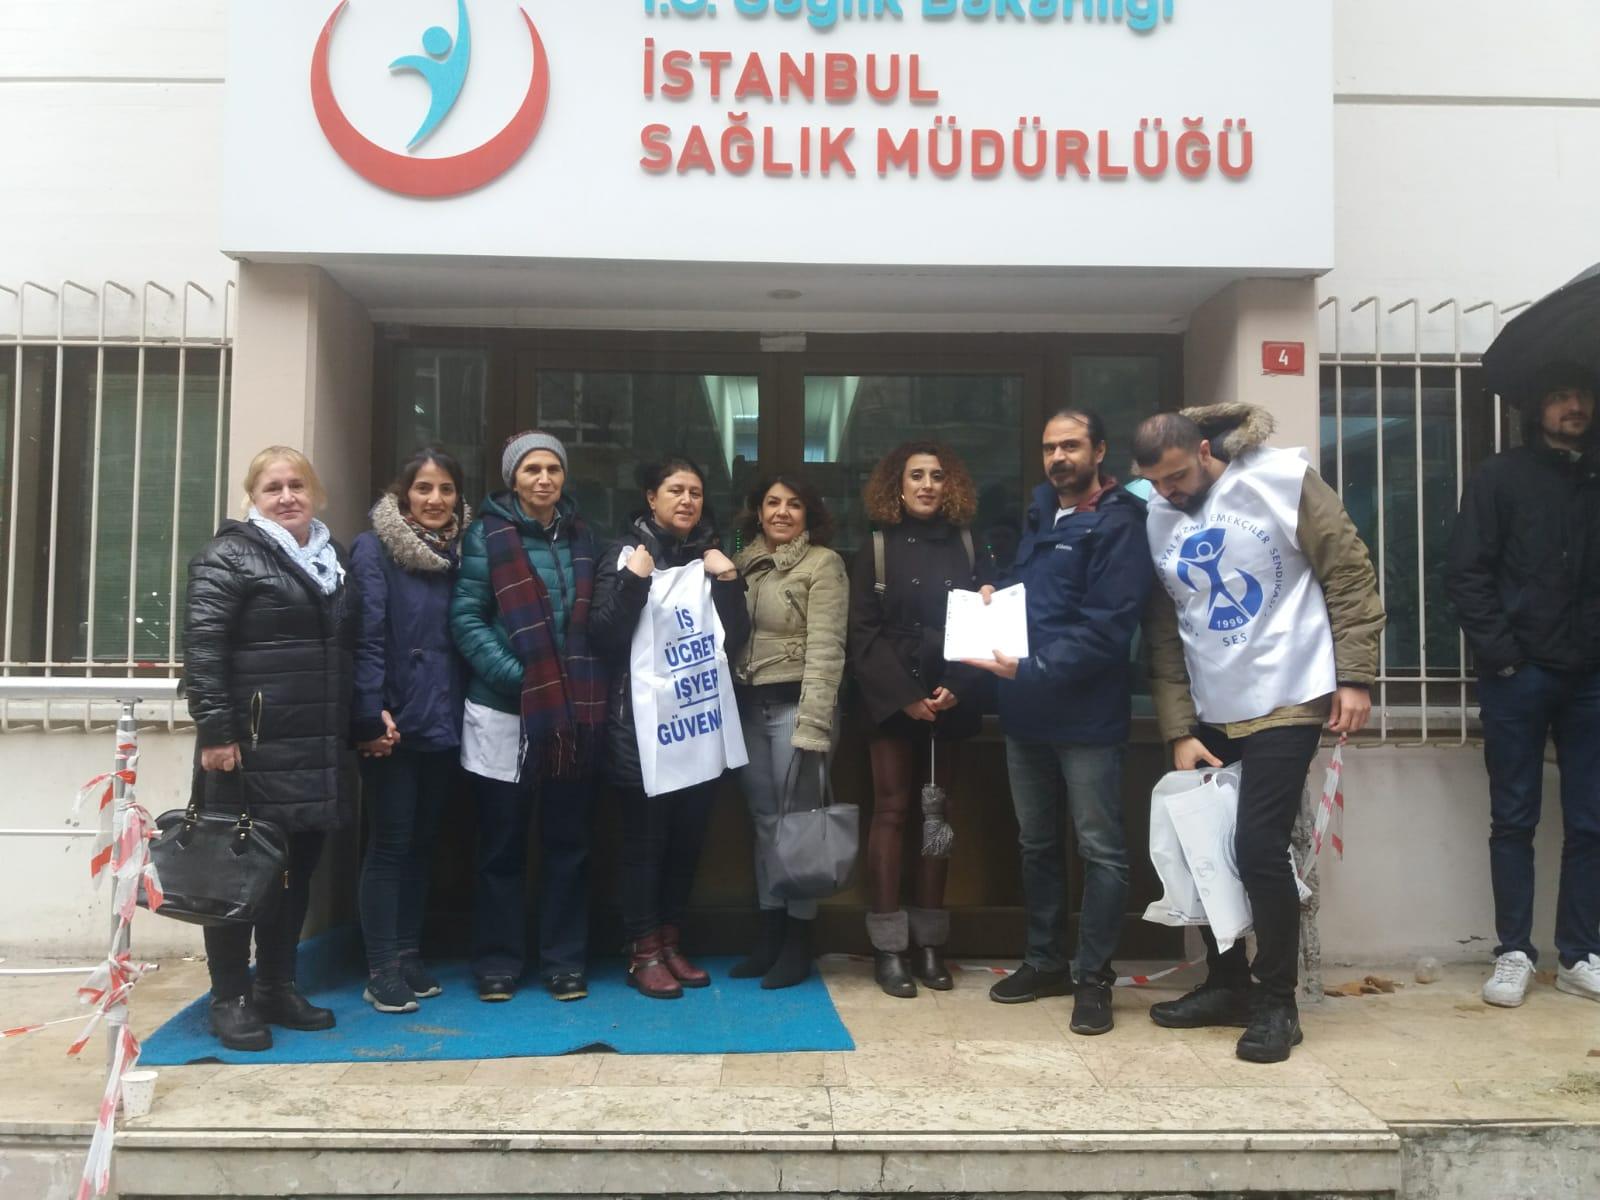 Şişli Şubemiz Kıyafet Standartlarına Karşı Topladığı İmzaları İstanbul İl Sağlık Müdürlüğü'ne İletti